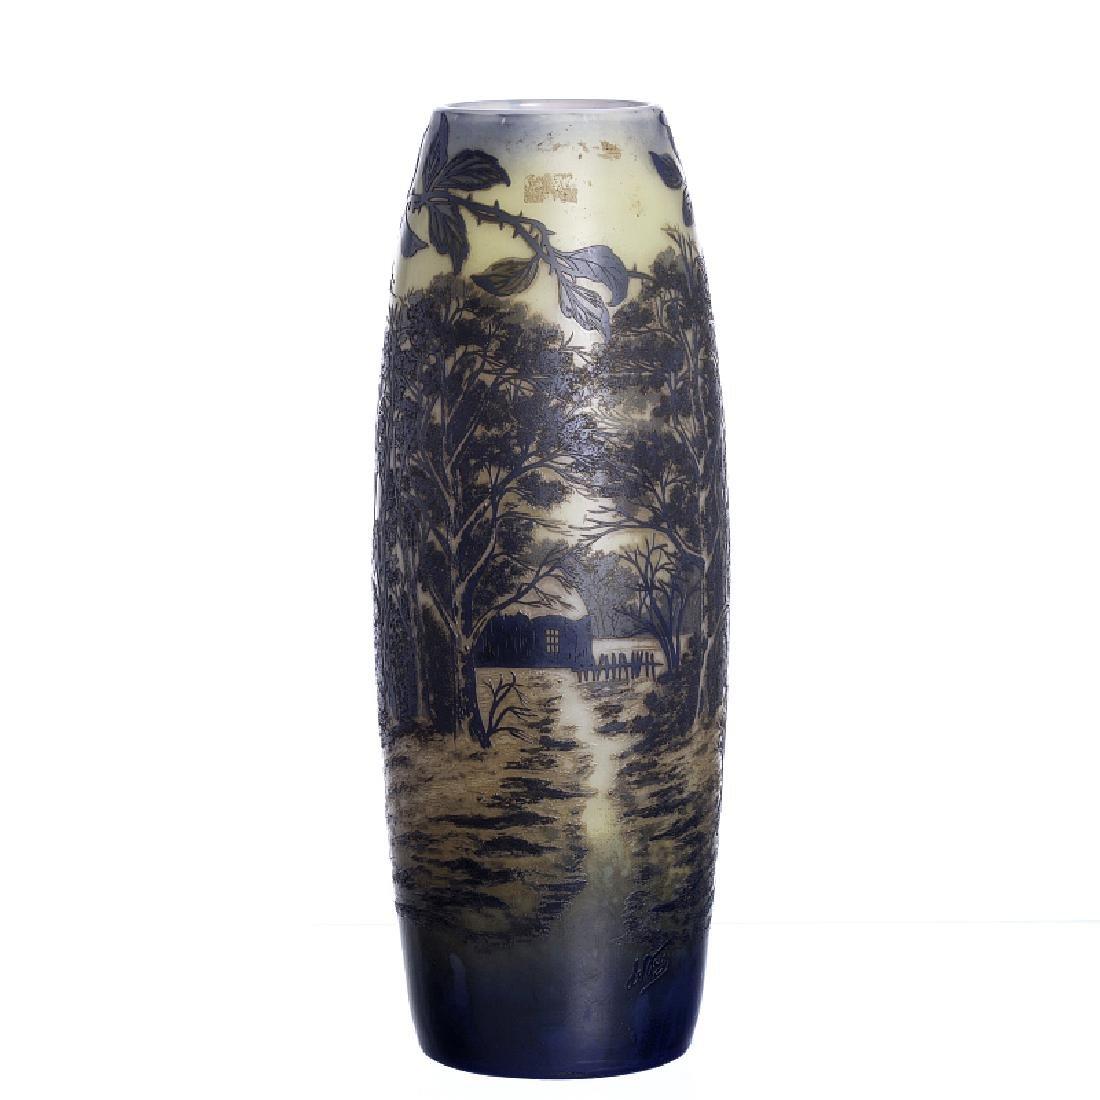 DE VEZ - Scenery vase in Cameo glass